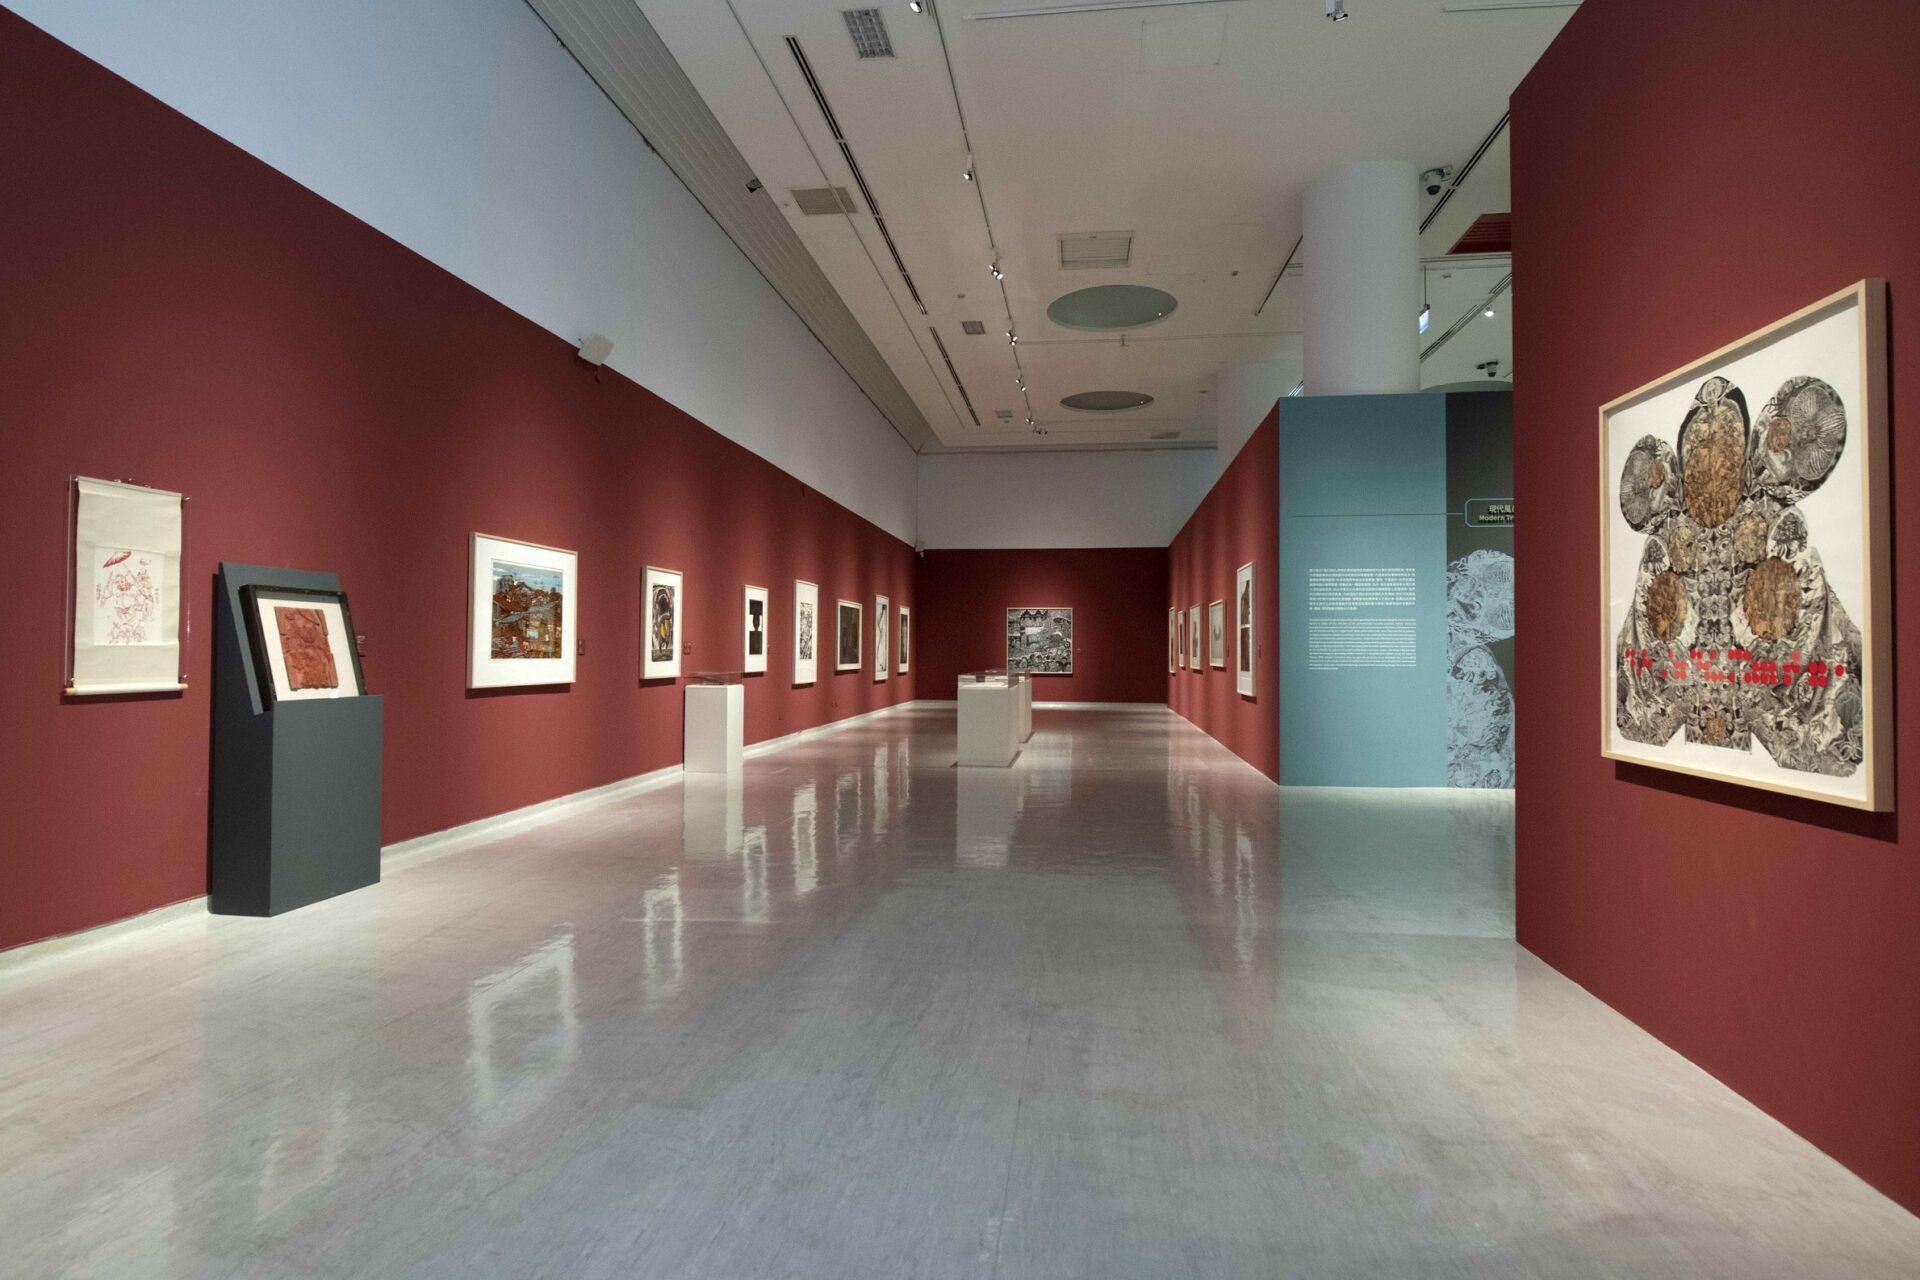 國立台灣美術館:2020/07/18-10/11【「版印潮」展現不同世代創作對話】